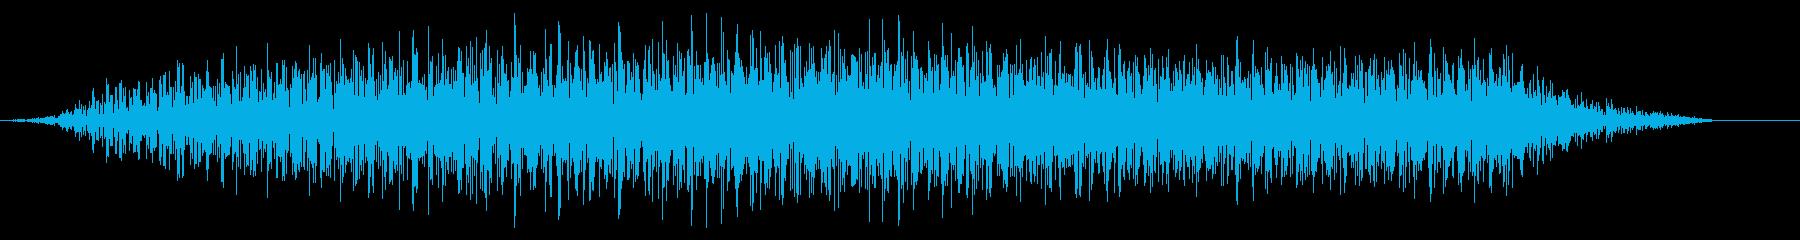 シュイーン(開く 伸びる 大きくなる音)の再生済みの波形